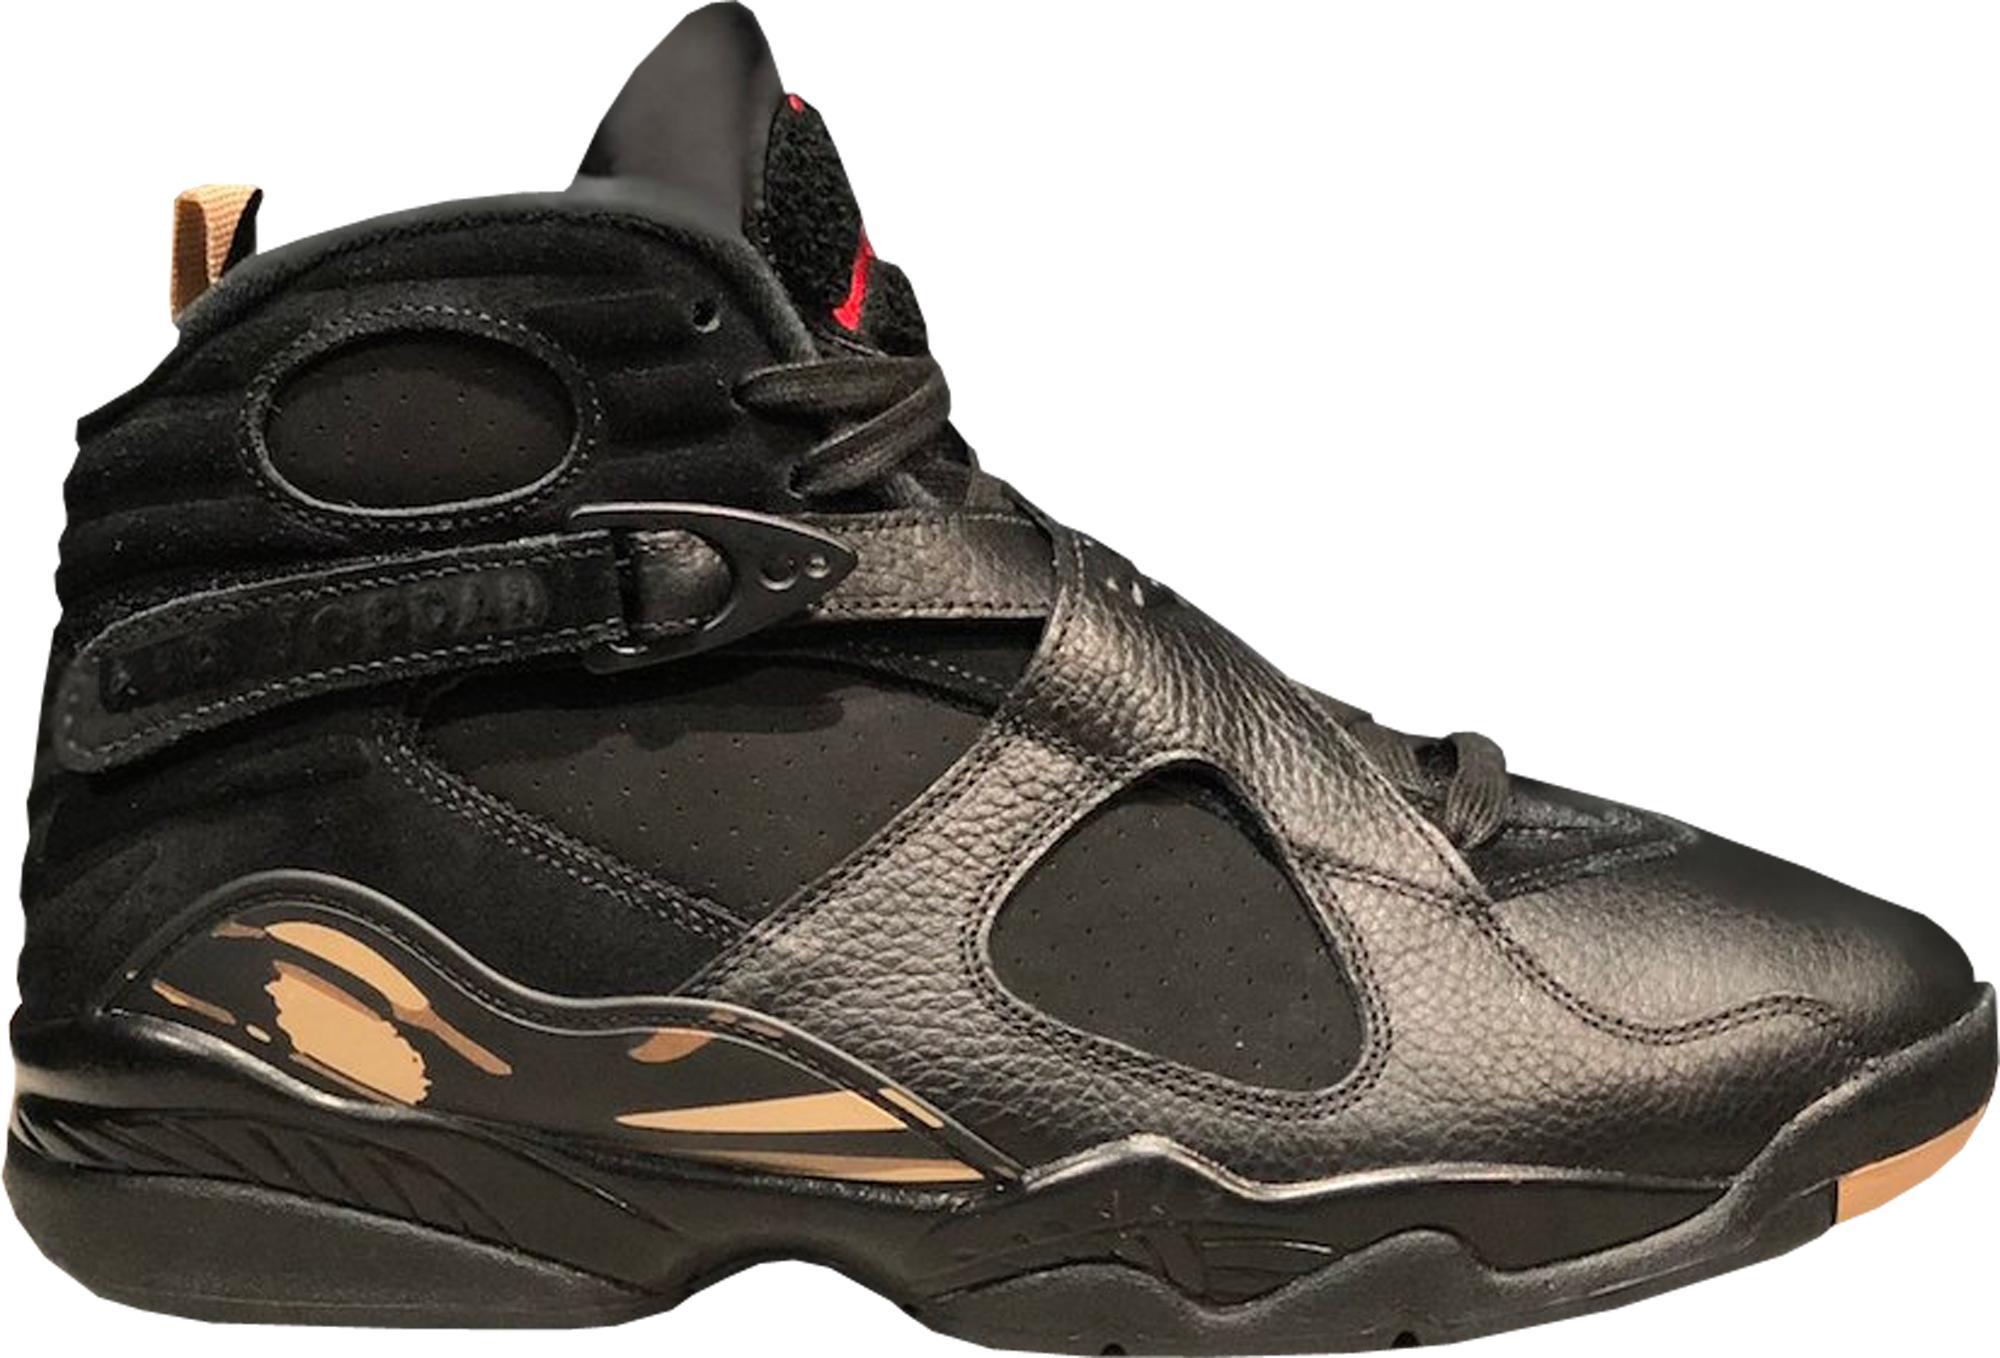 00e29e449093 Lyst - Nike 8 Retro Ovo Black in Black for Men